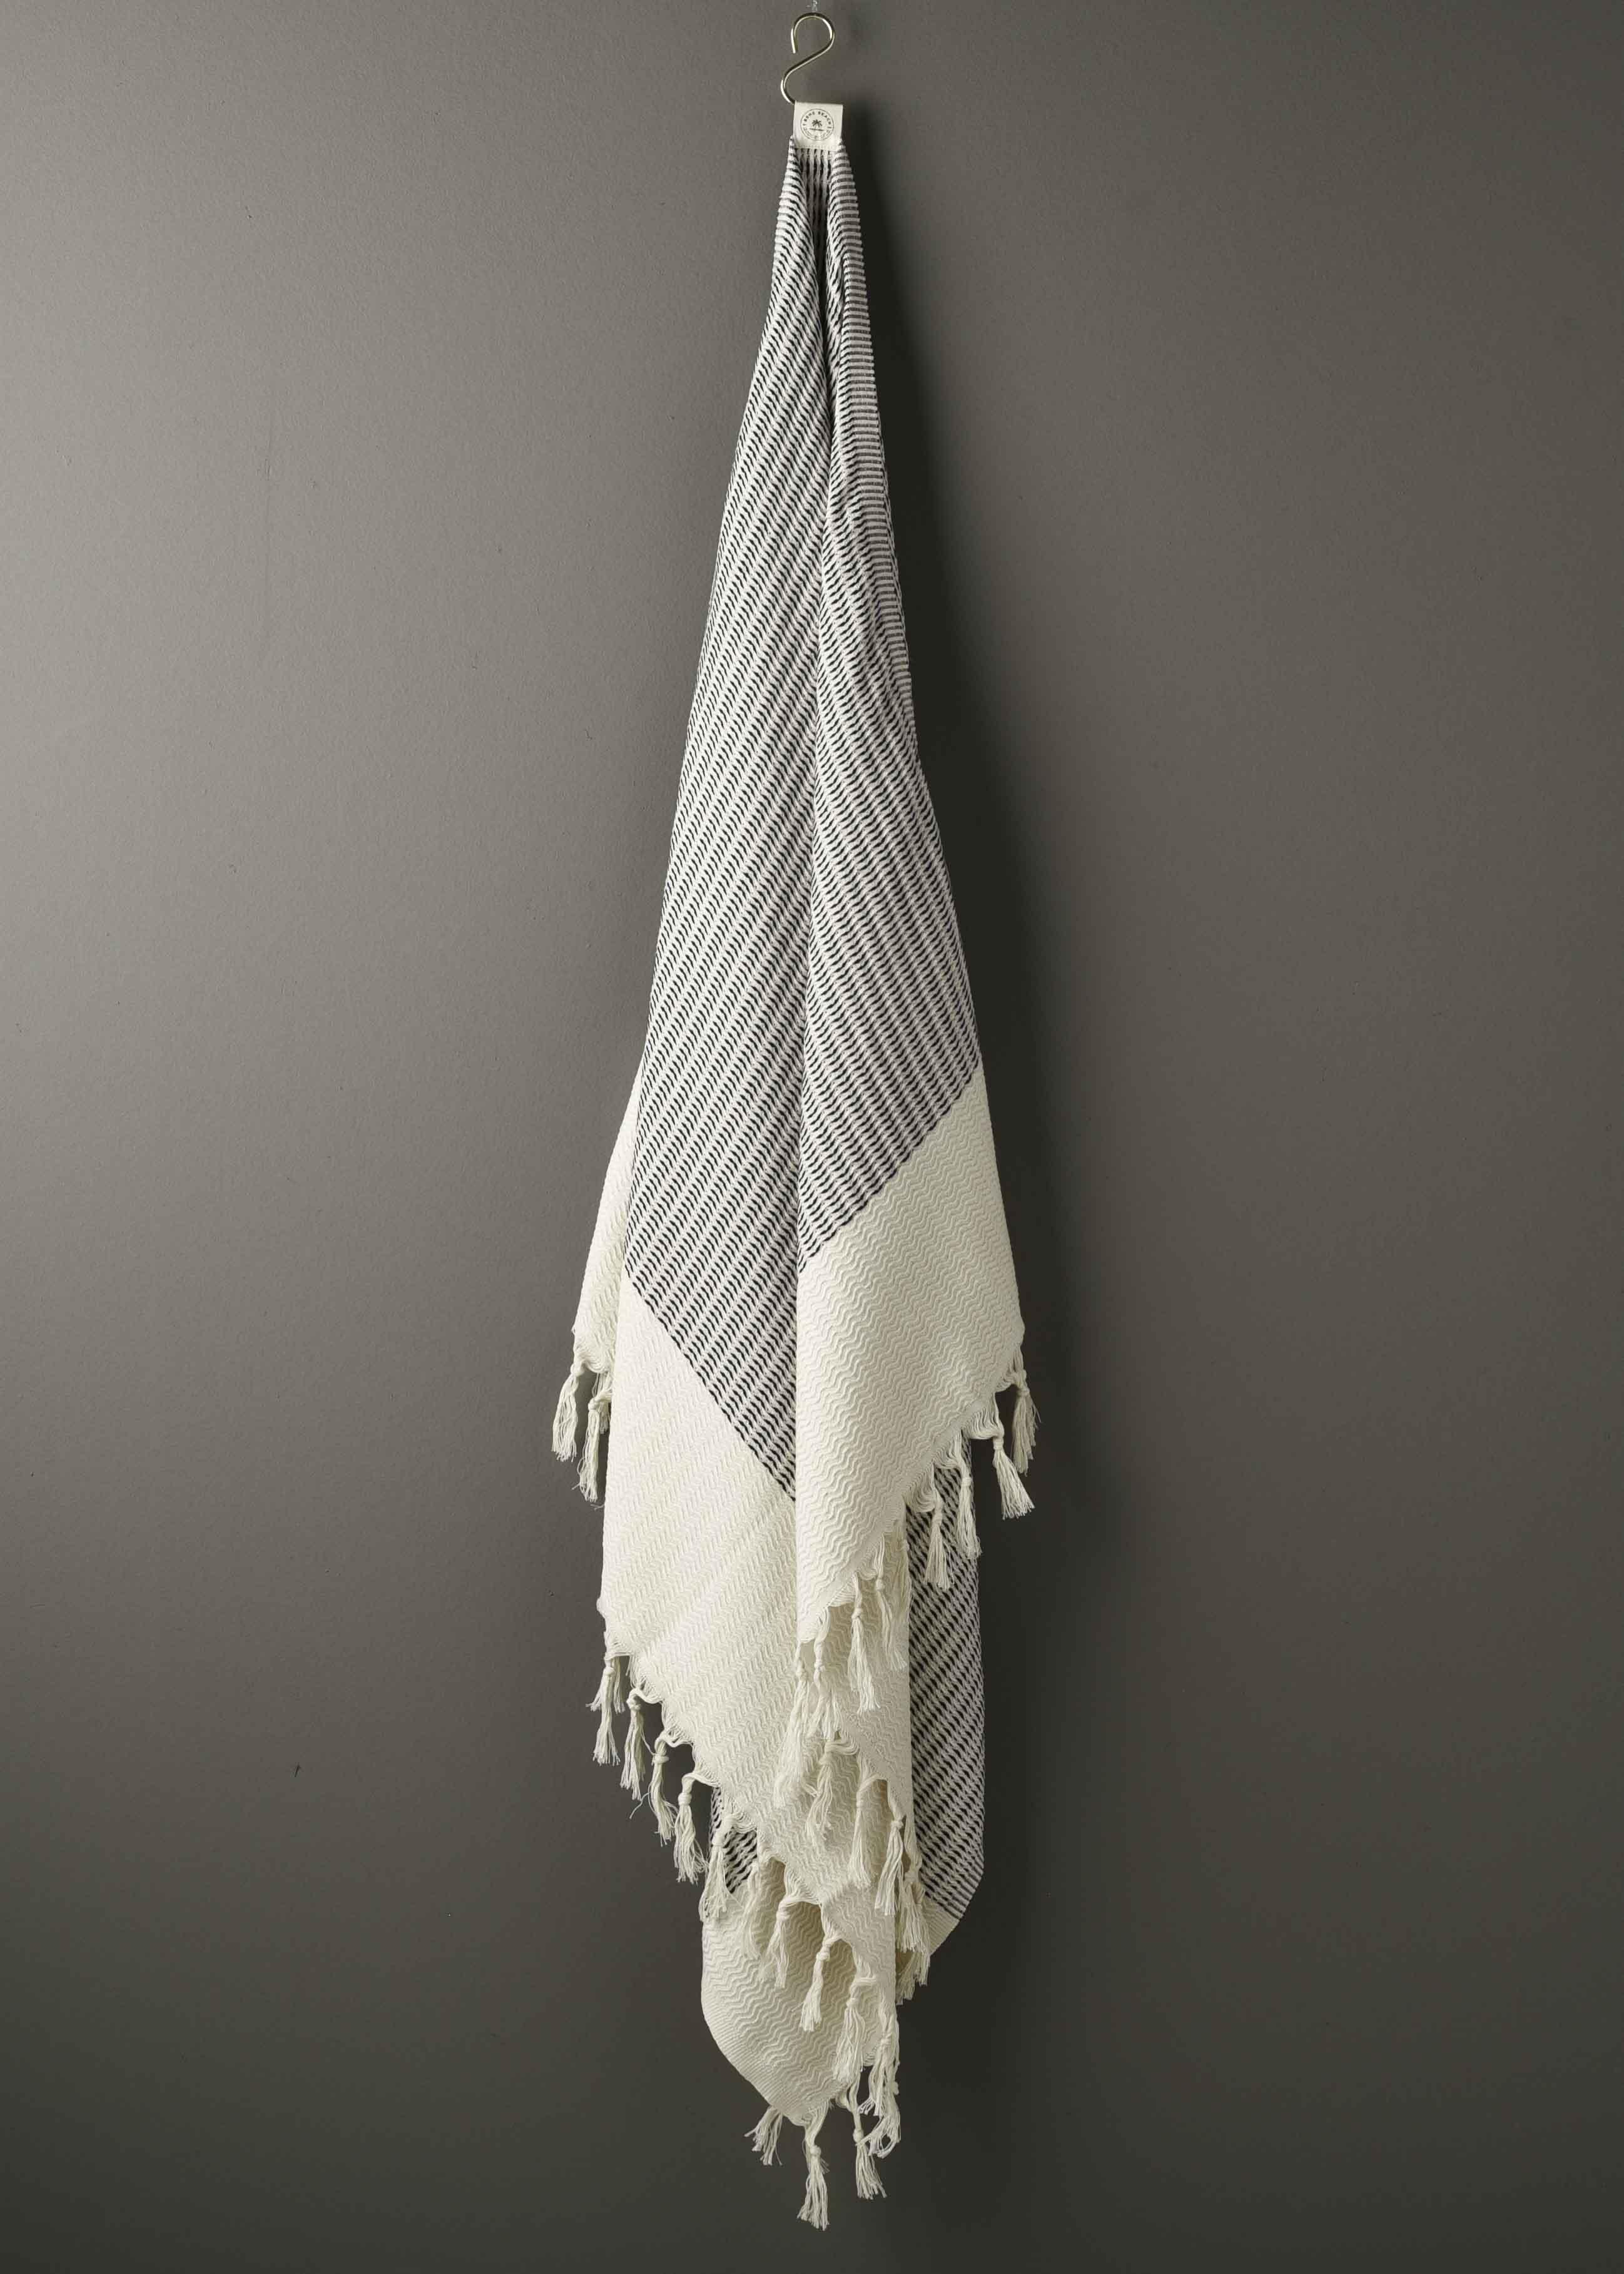 Sort hvidt mønstret Hammam håndklæde fra BohoBeach shop